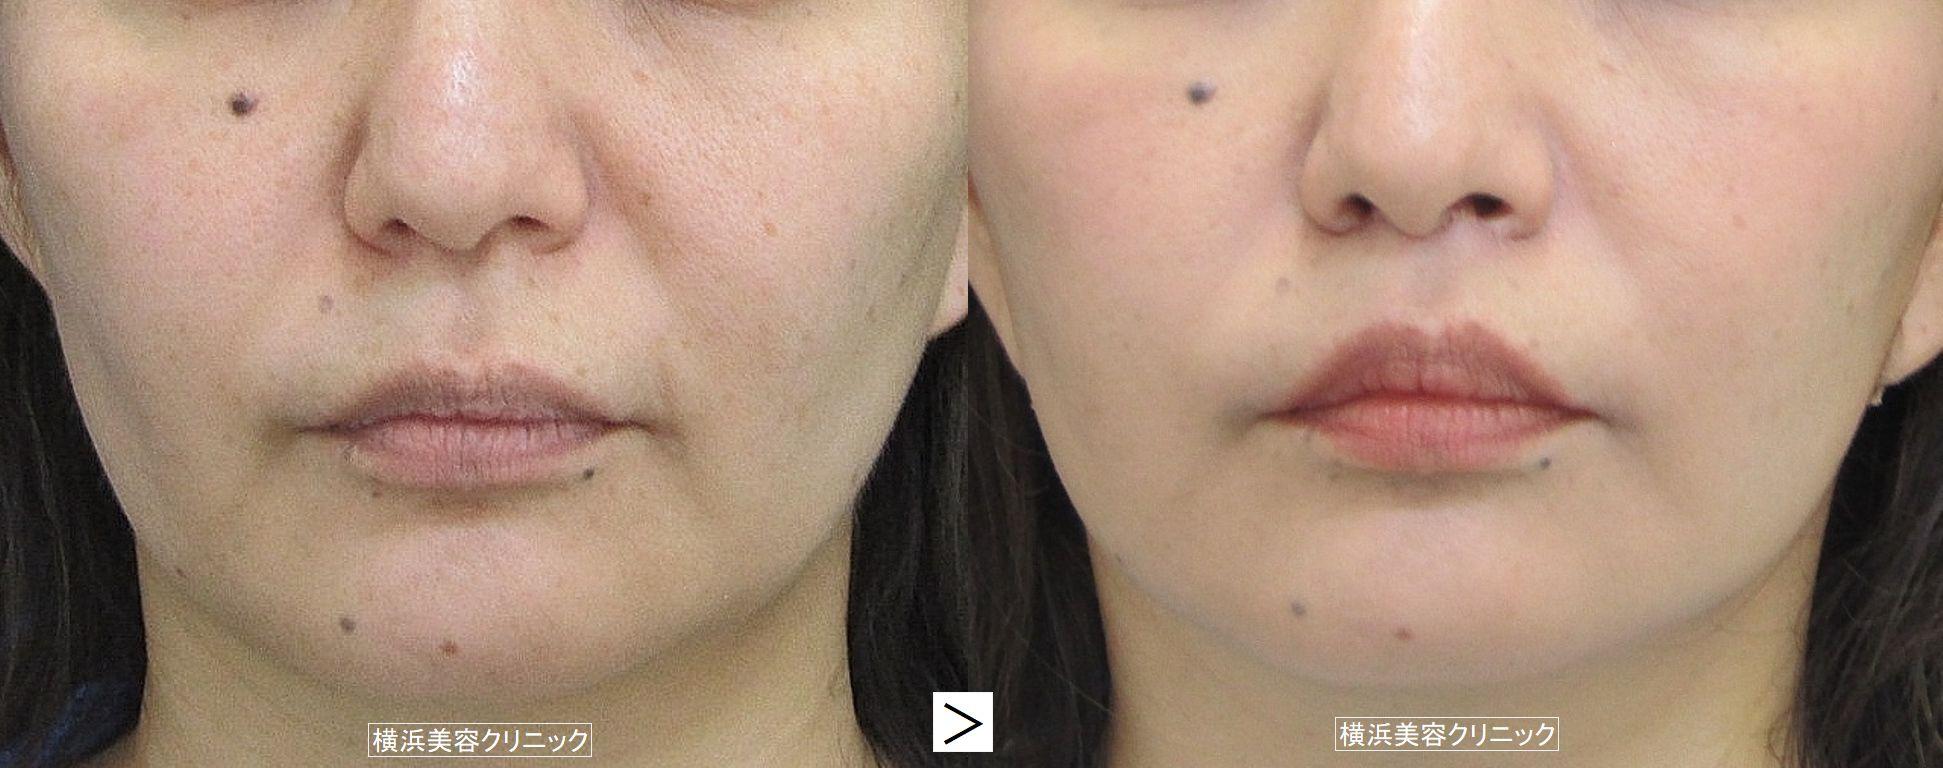 人中短縮術(鼻下短縮術、リップリフト)